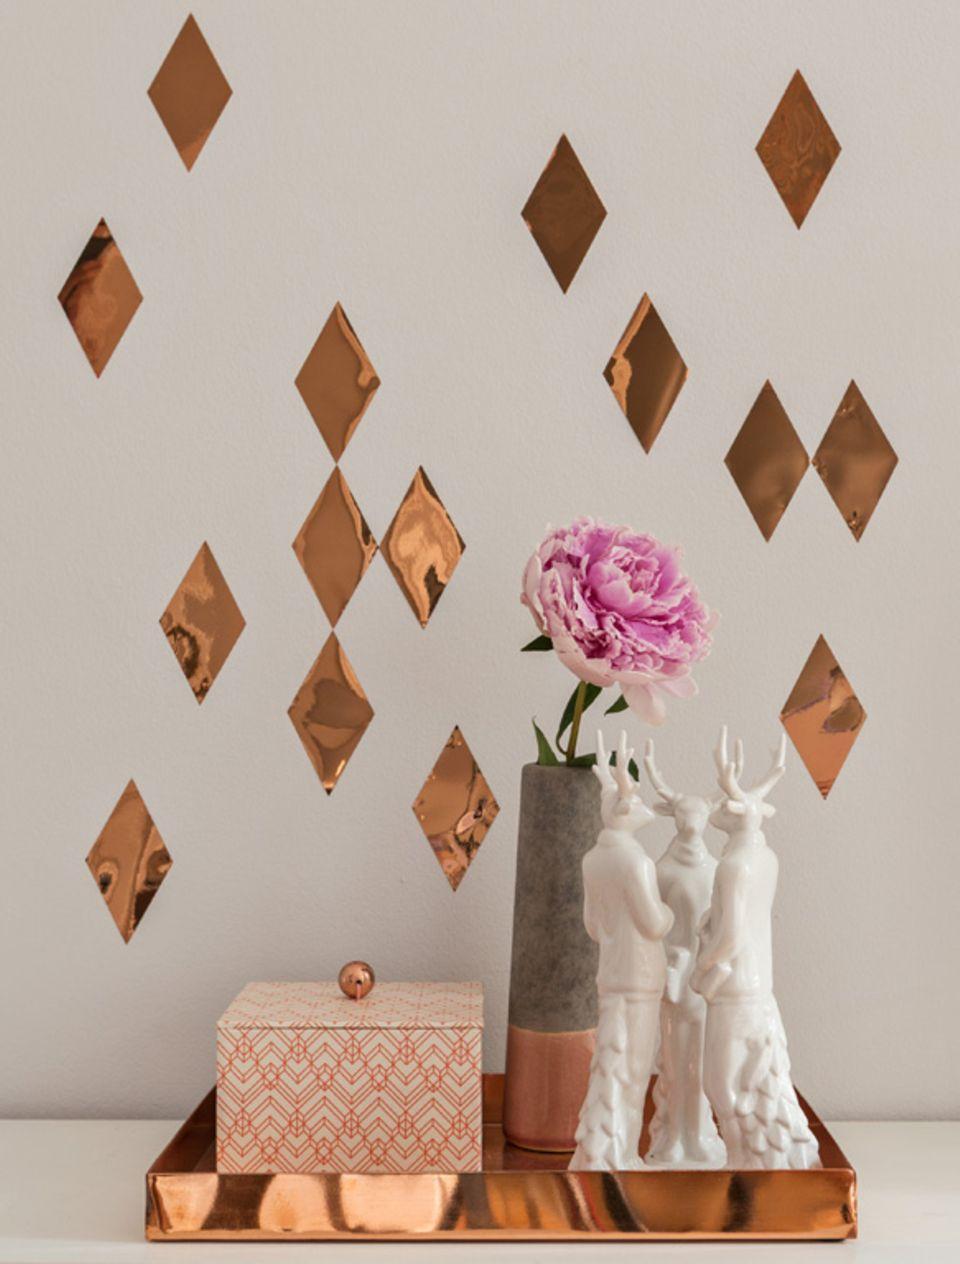 """Wandtattoo """"Kupferkonfetti"""" macht sich gut im Wohnzimmer, schmückt aber auch die Zimmertür oder langweilige Schrankfronten."""